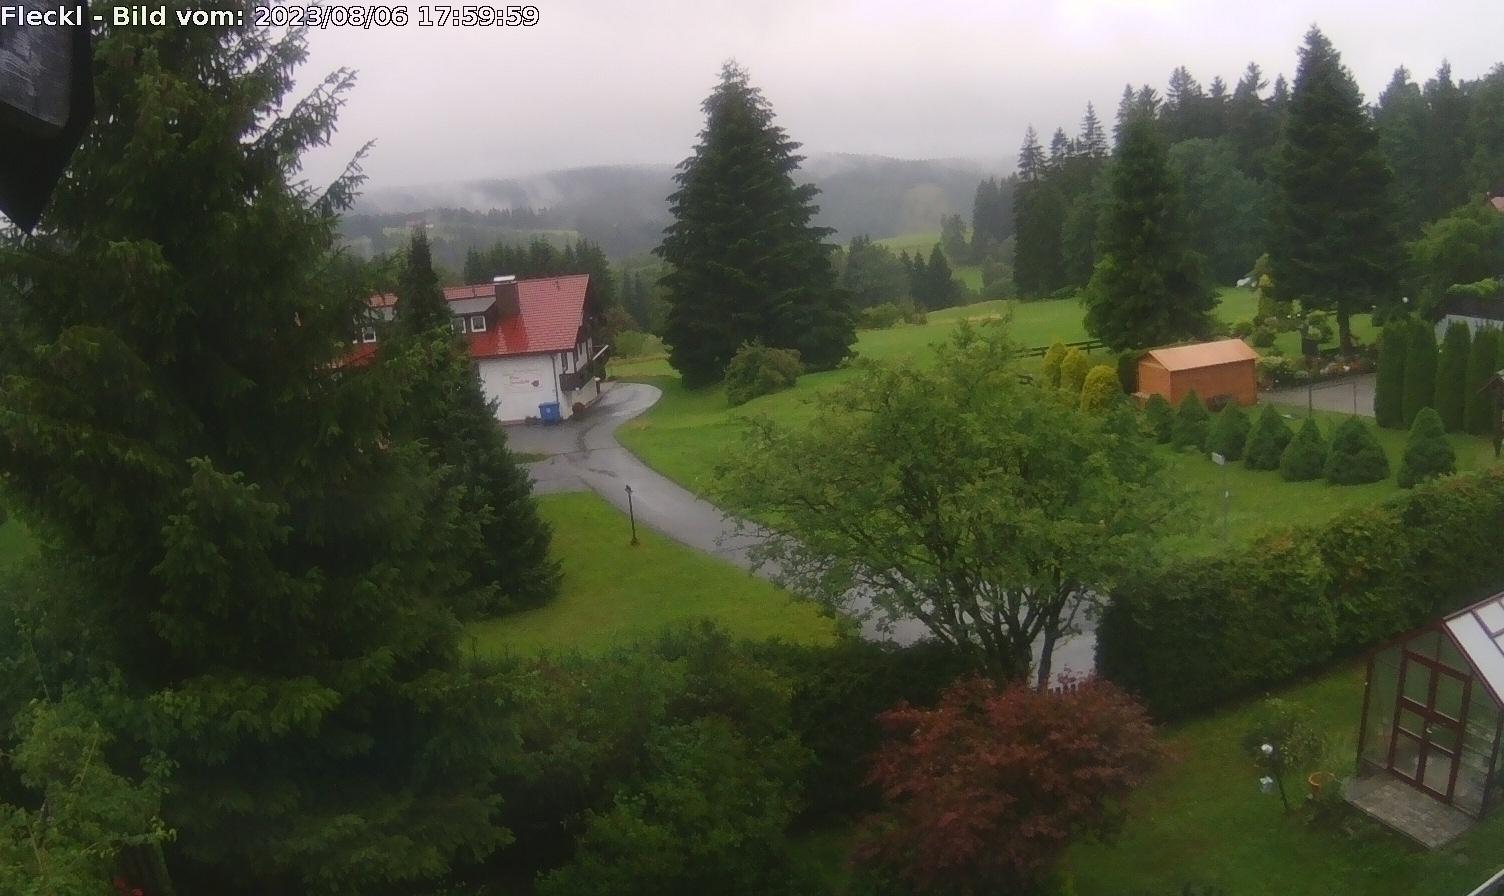 Webcam Skigebied Oberwarmensteinach cam 2 - Fichtelgebergte